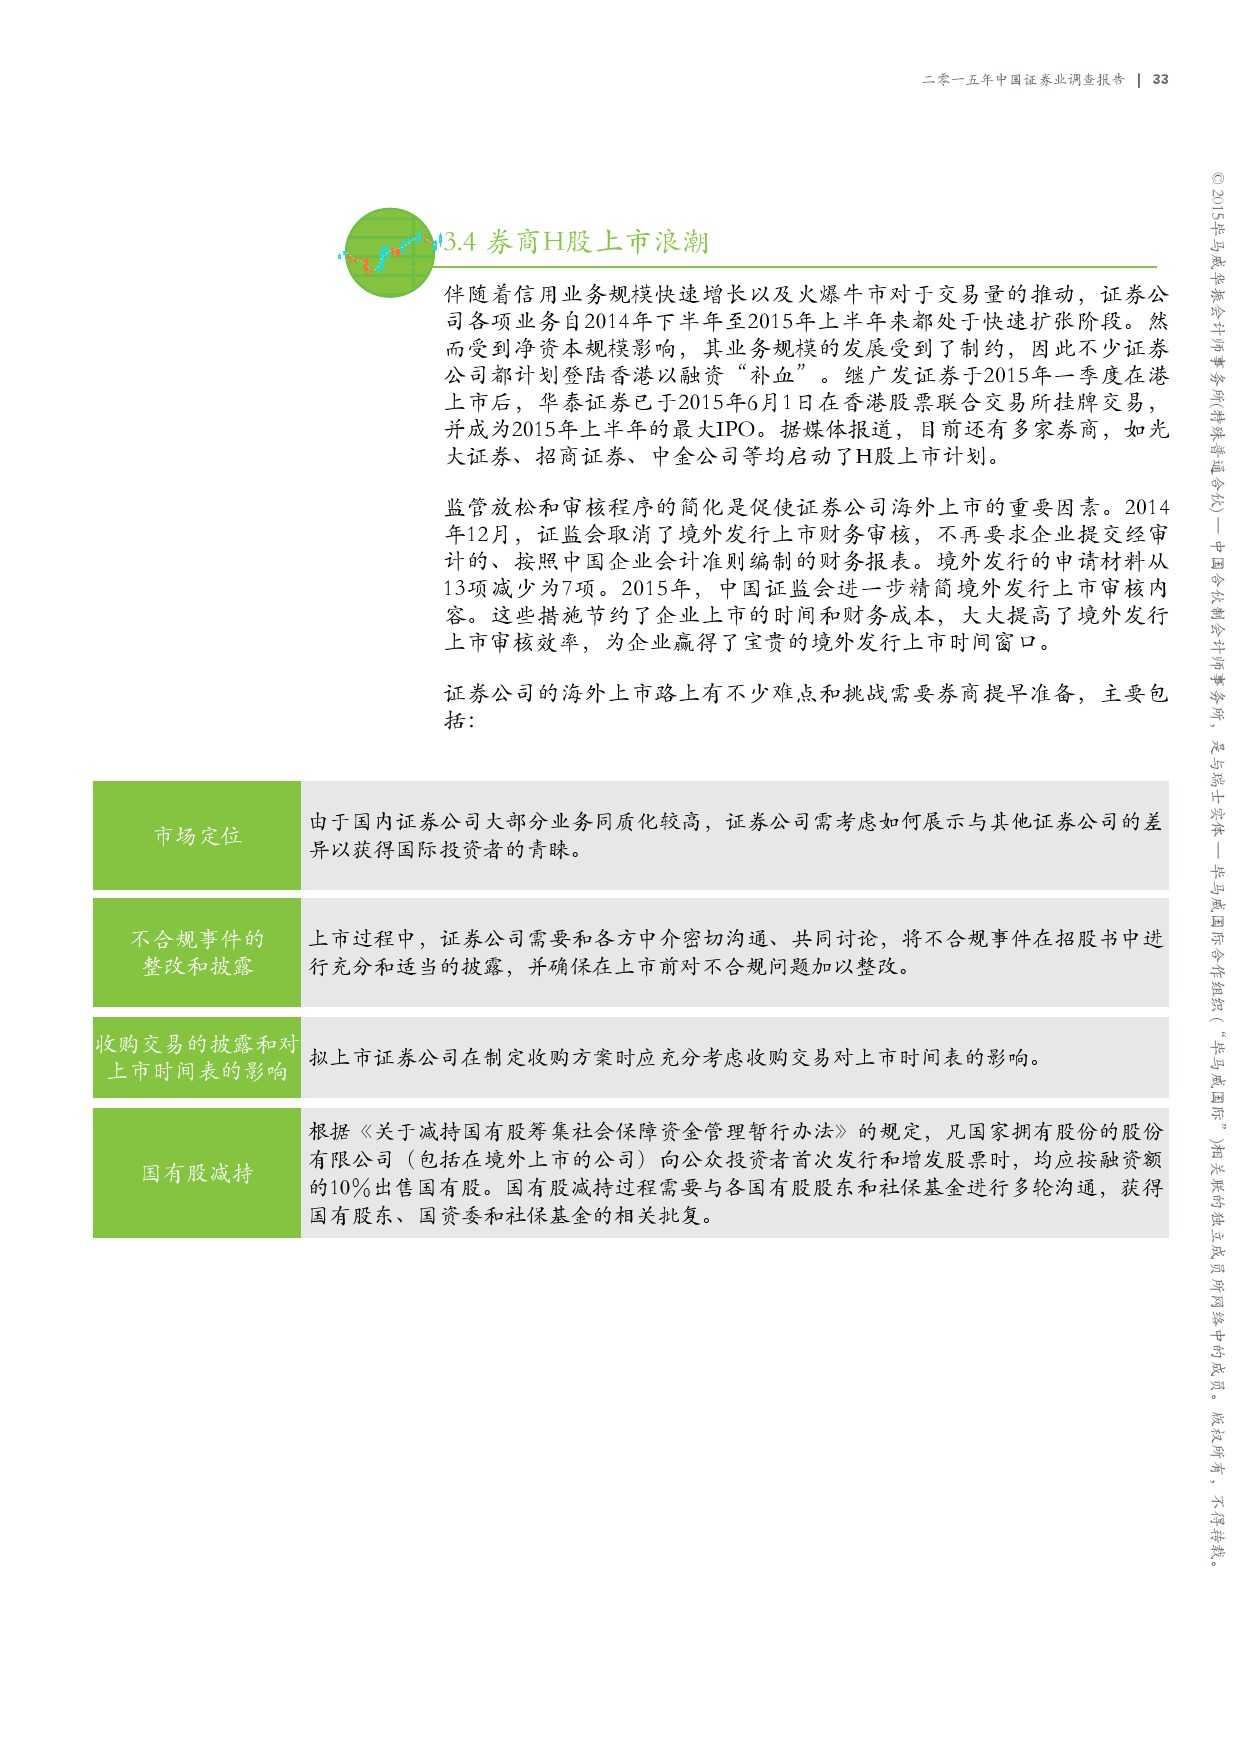 毕马威:2015年中国证券业调查报告_000035